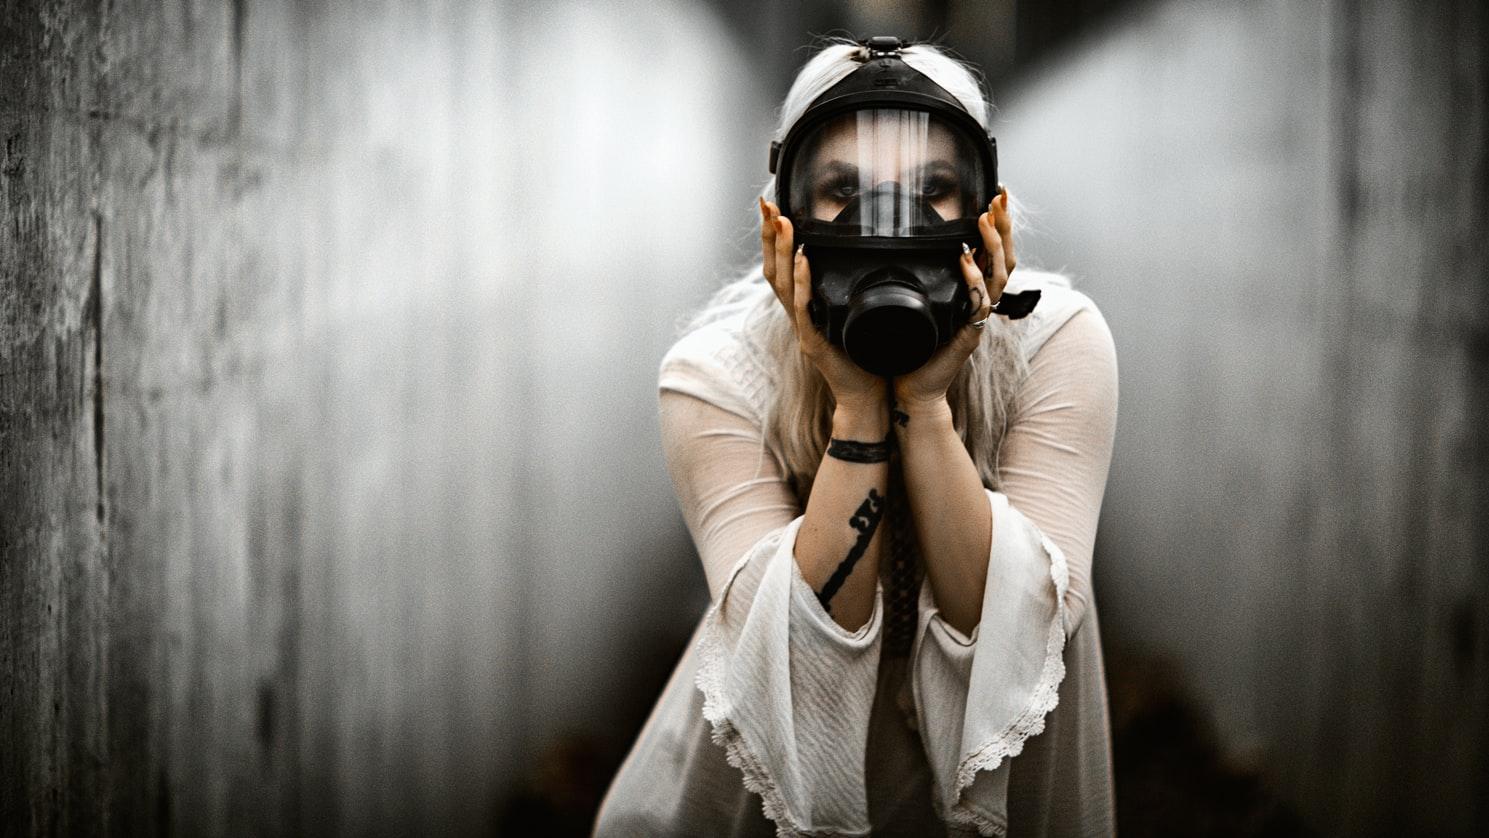 Citation 4 prises de conscience pour se libérer de la pollution mentale après une relation toxique